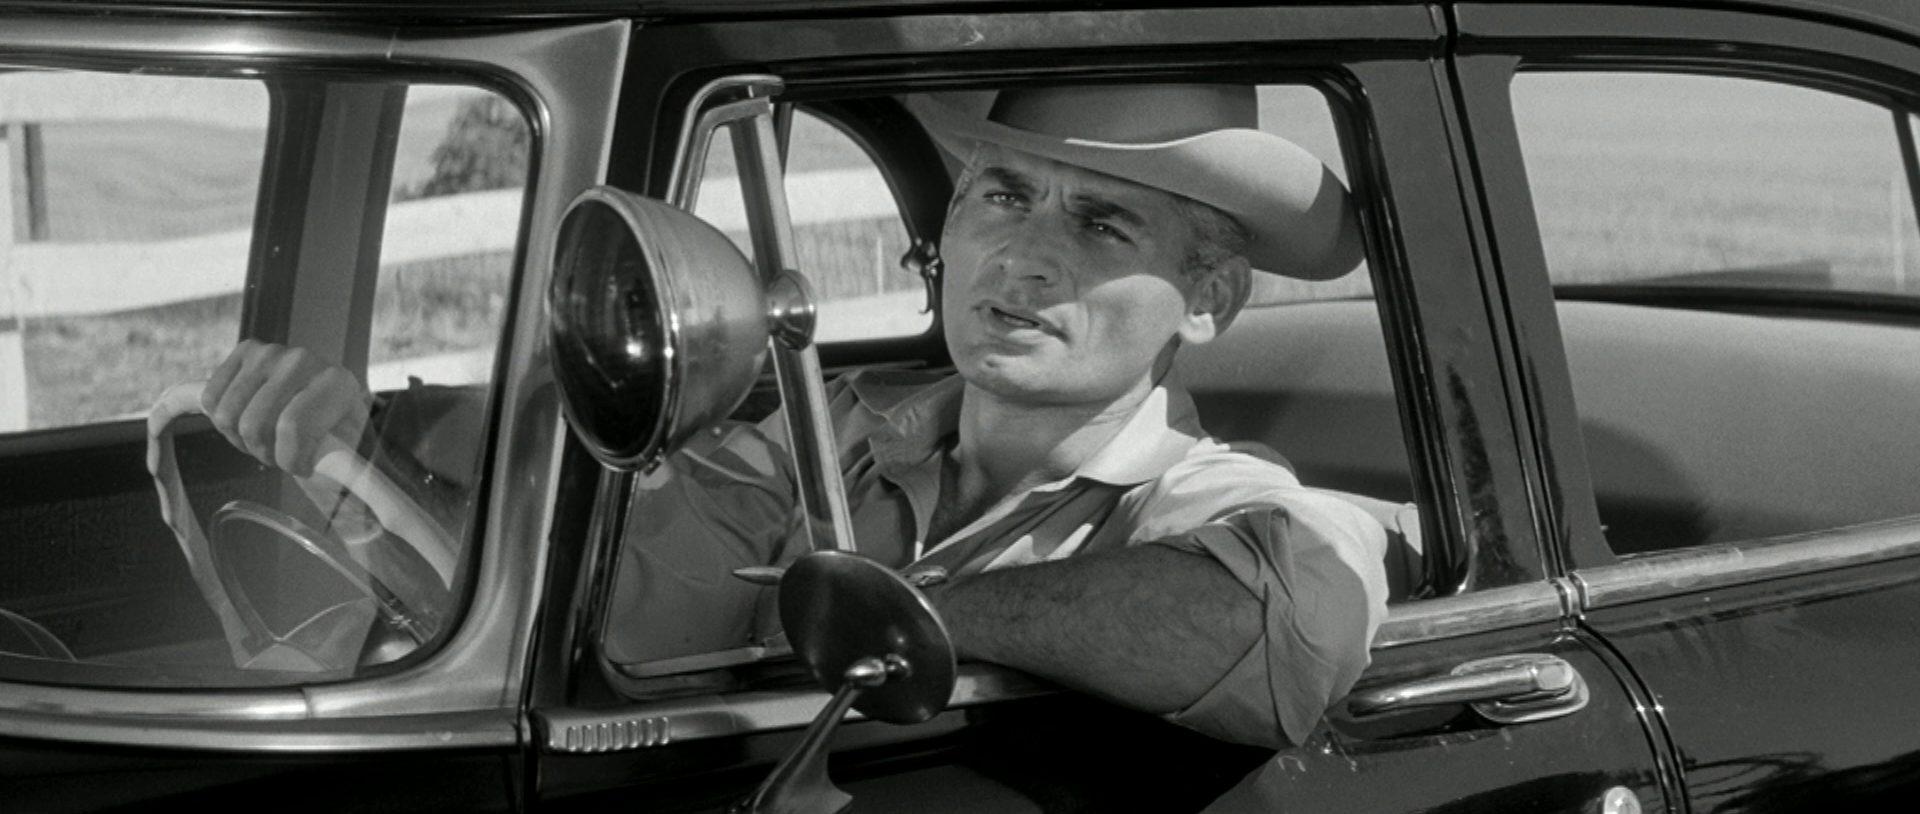 Szene aus 'Des Teufels Lohn(1957)', Copyright: Universal Pictures